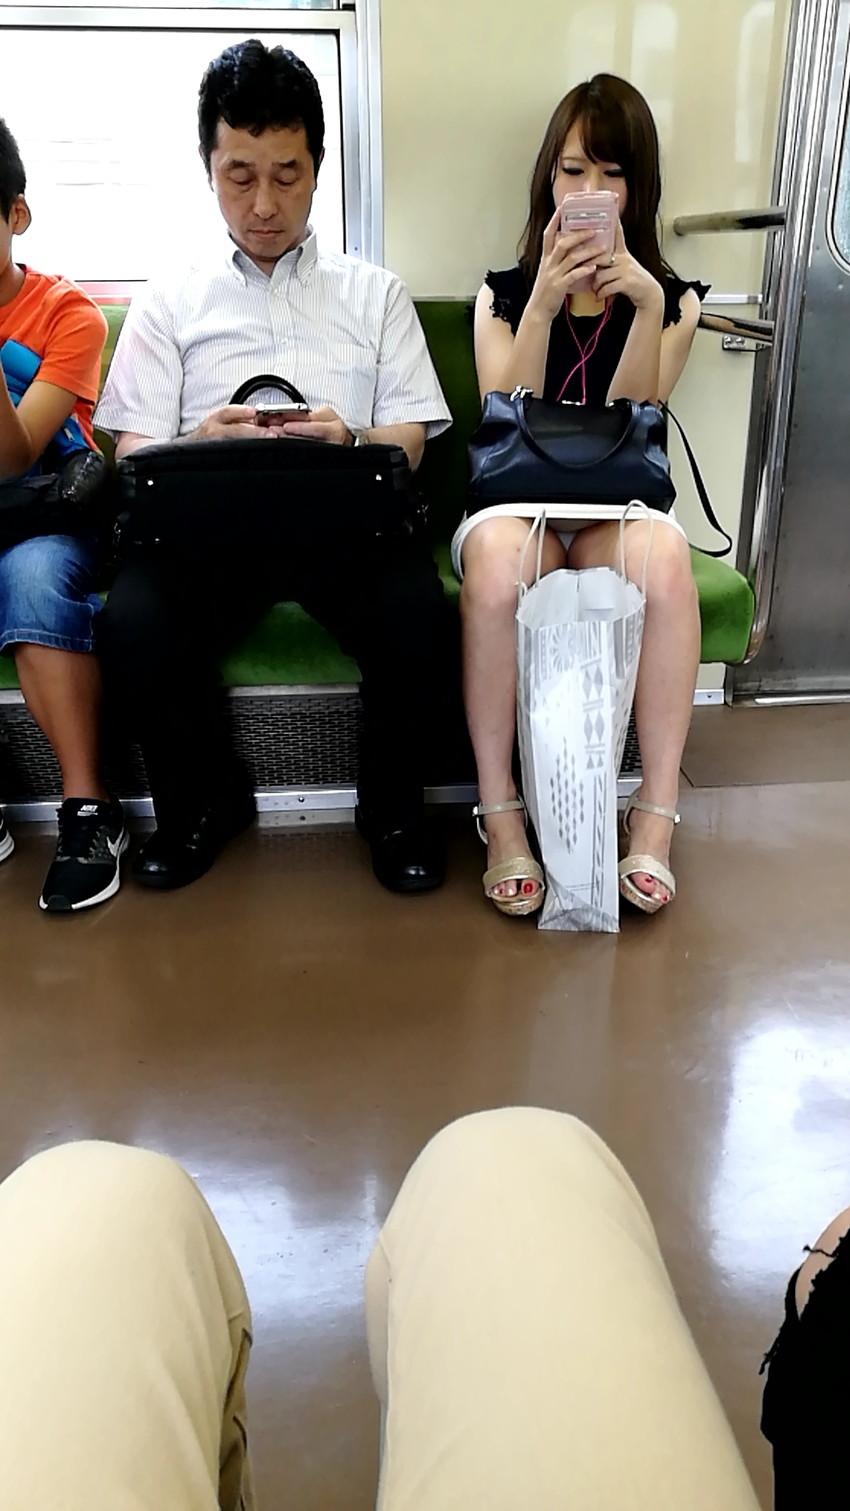 【電車内盗撮エロ画像】電車内でパンチラしている女子見つけたから撮ったったw 16